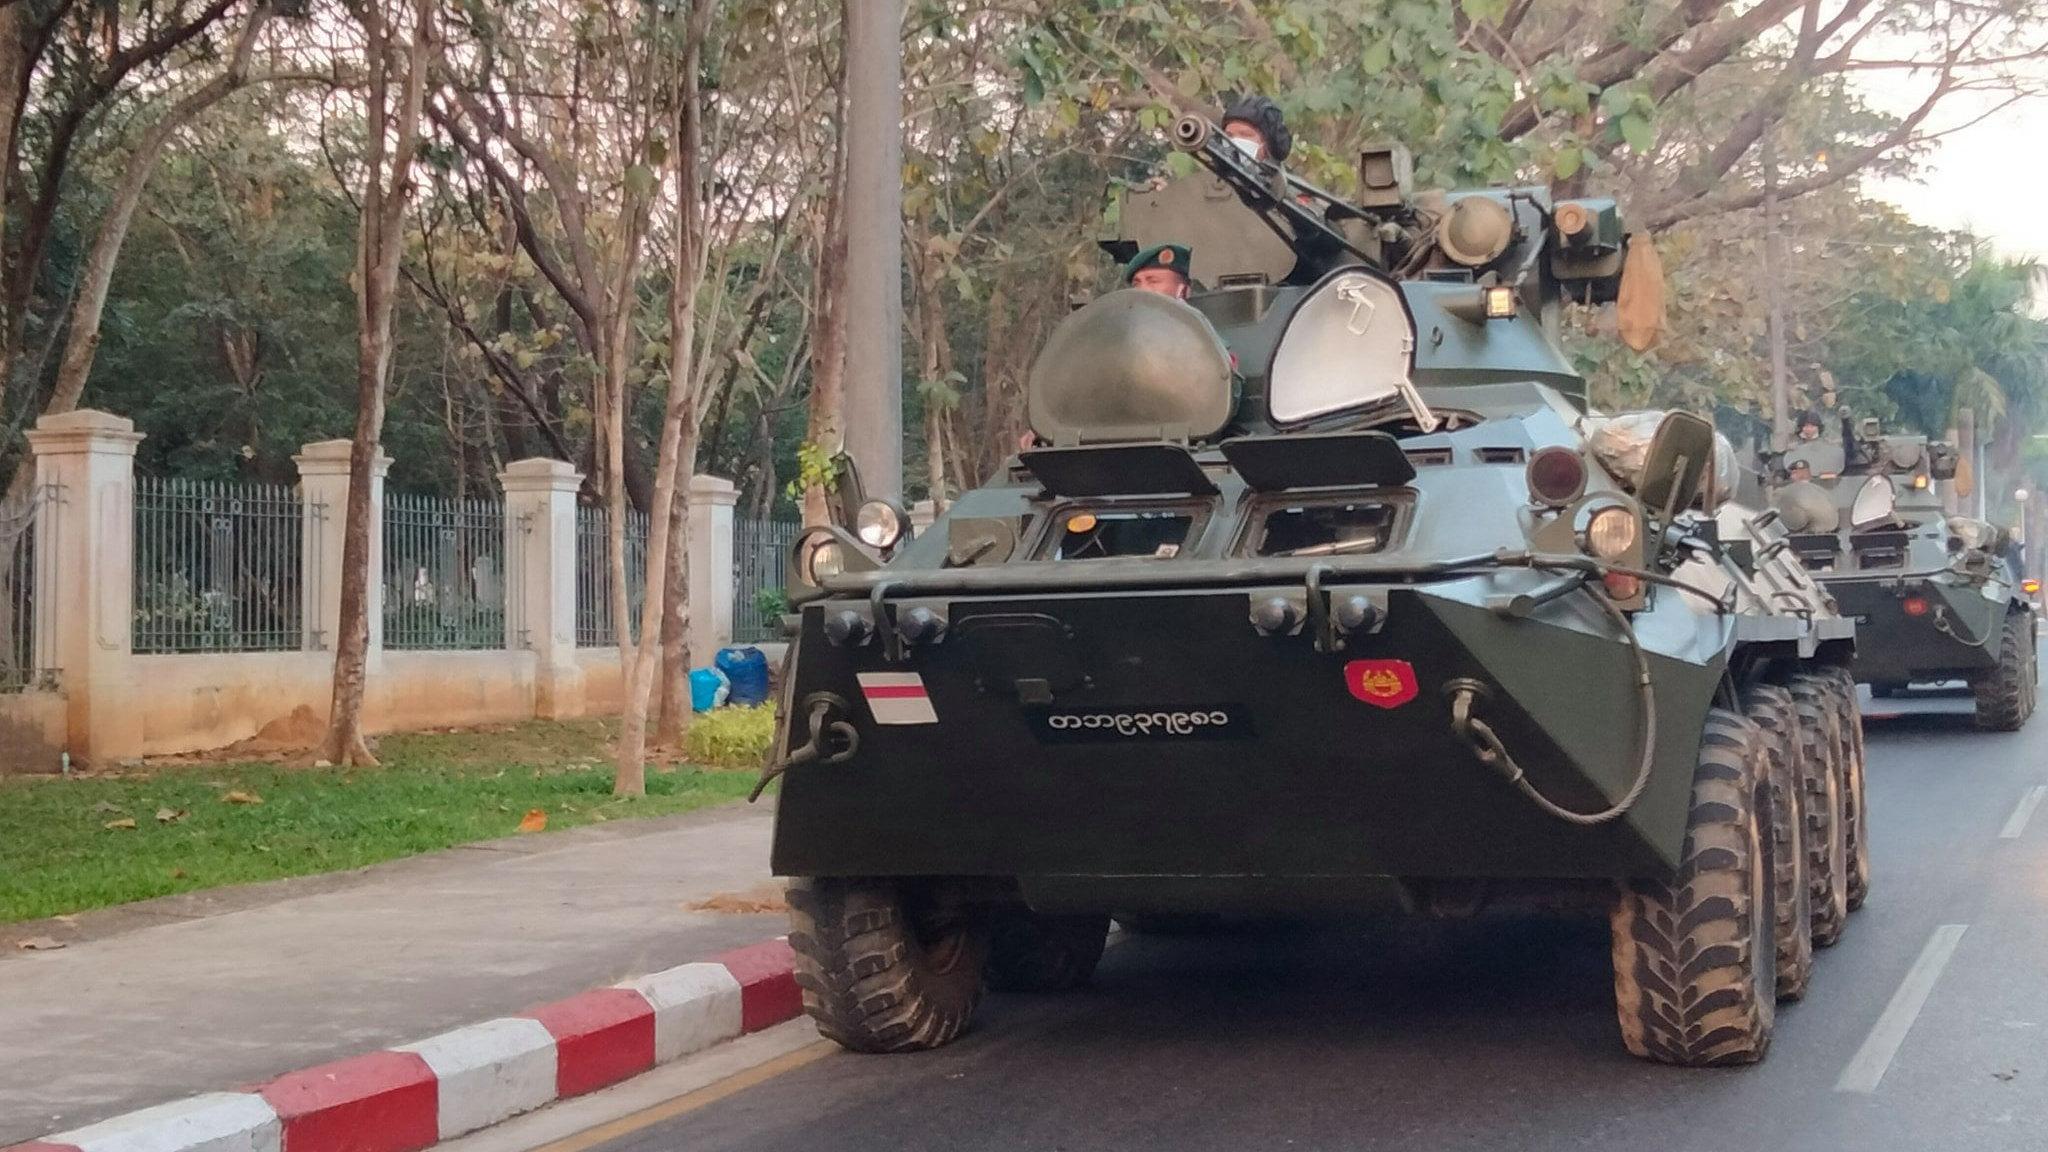 รถหุ้มเกราะกองทัพพม่าเคลื่อนกำลังเข้านครย่างกุ้ง เมื่อวันที่ 14 ก.พ. 64 (ที่มา: DVB)